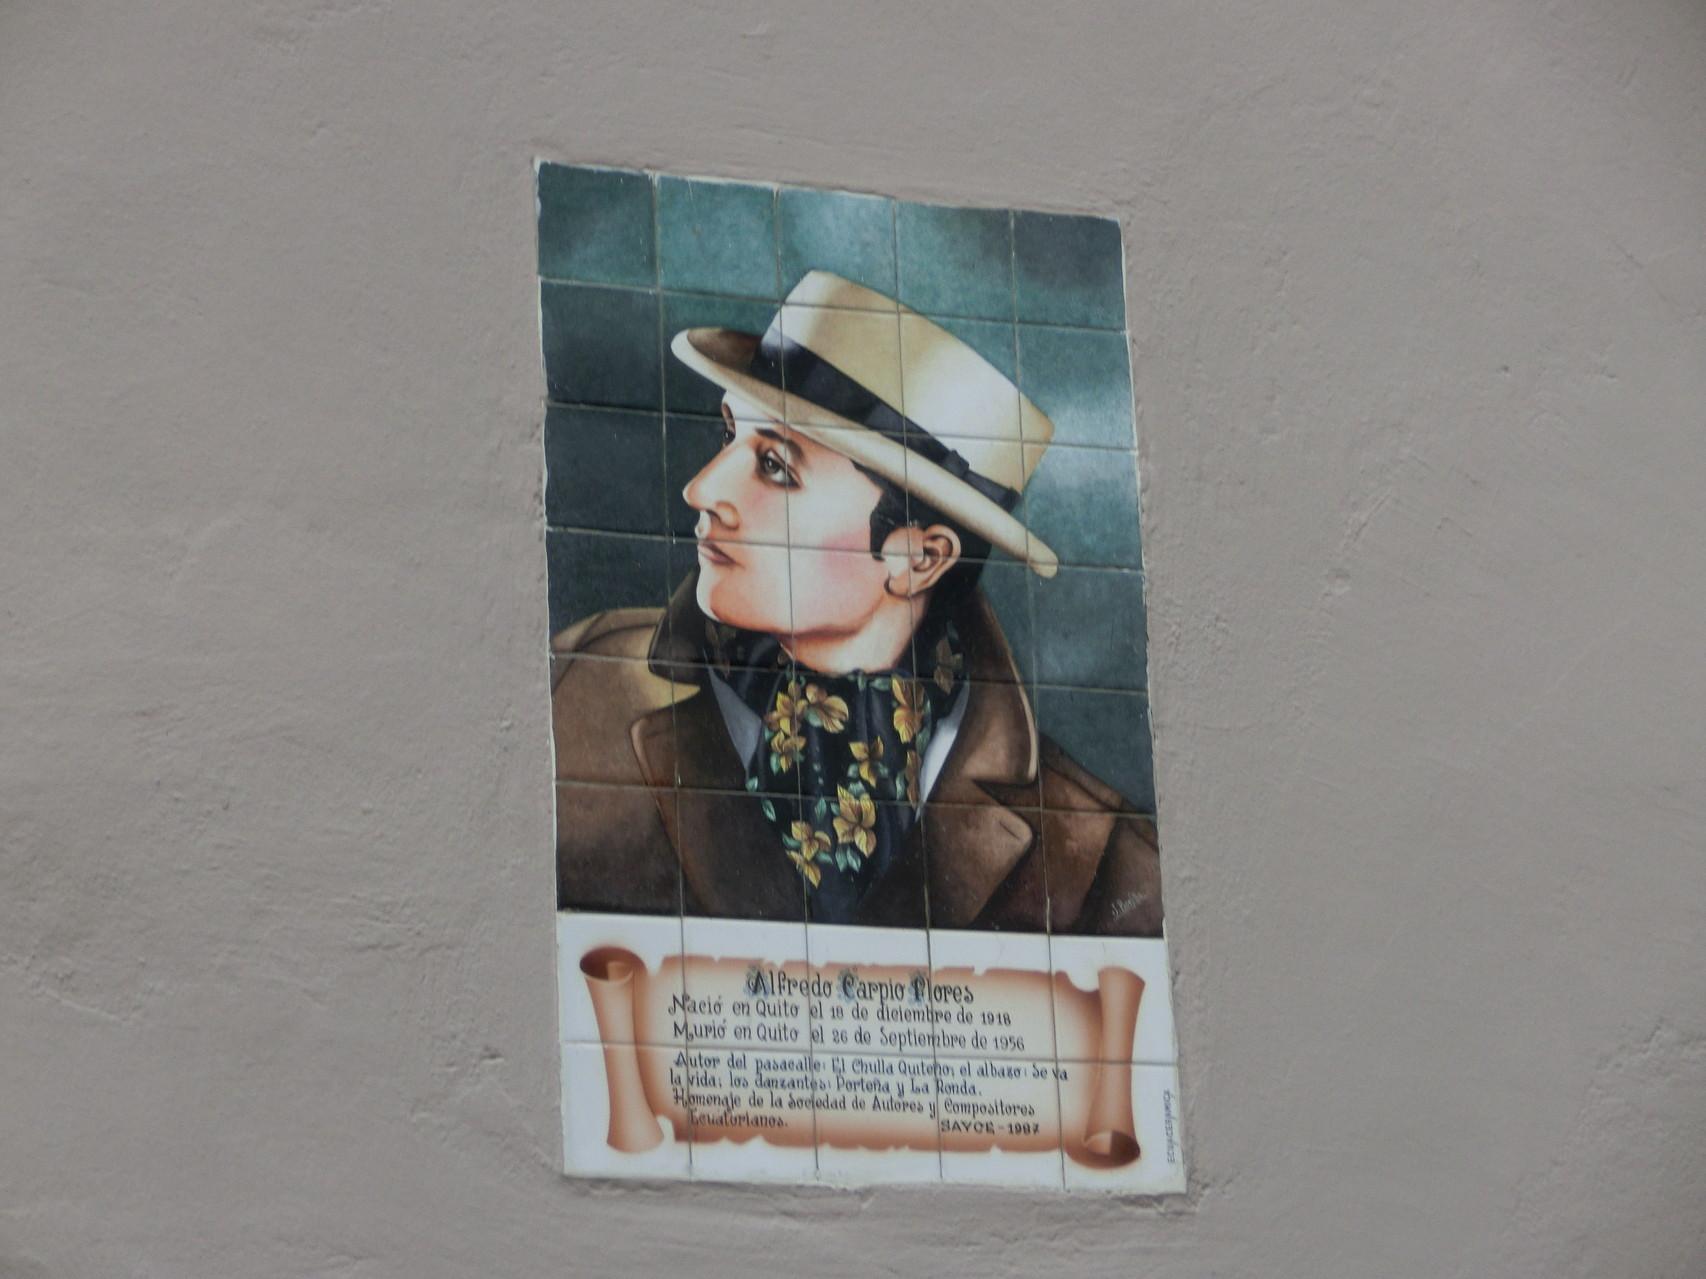 Alfredo Carpio Flores, ein ecudorianischer Autor aus Quito